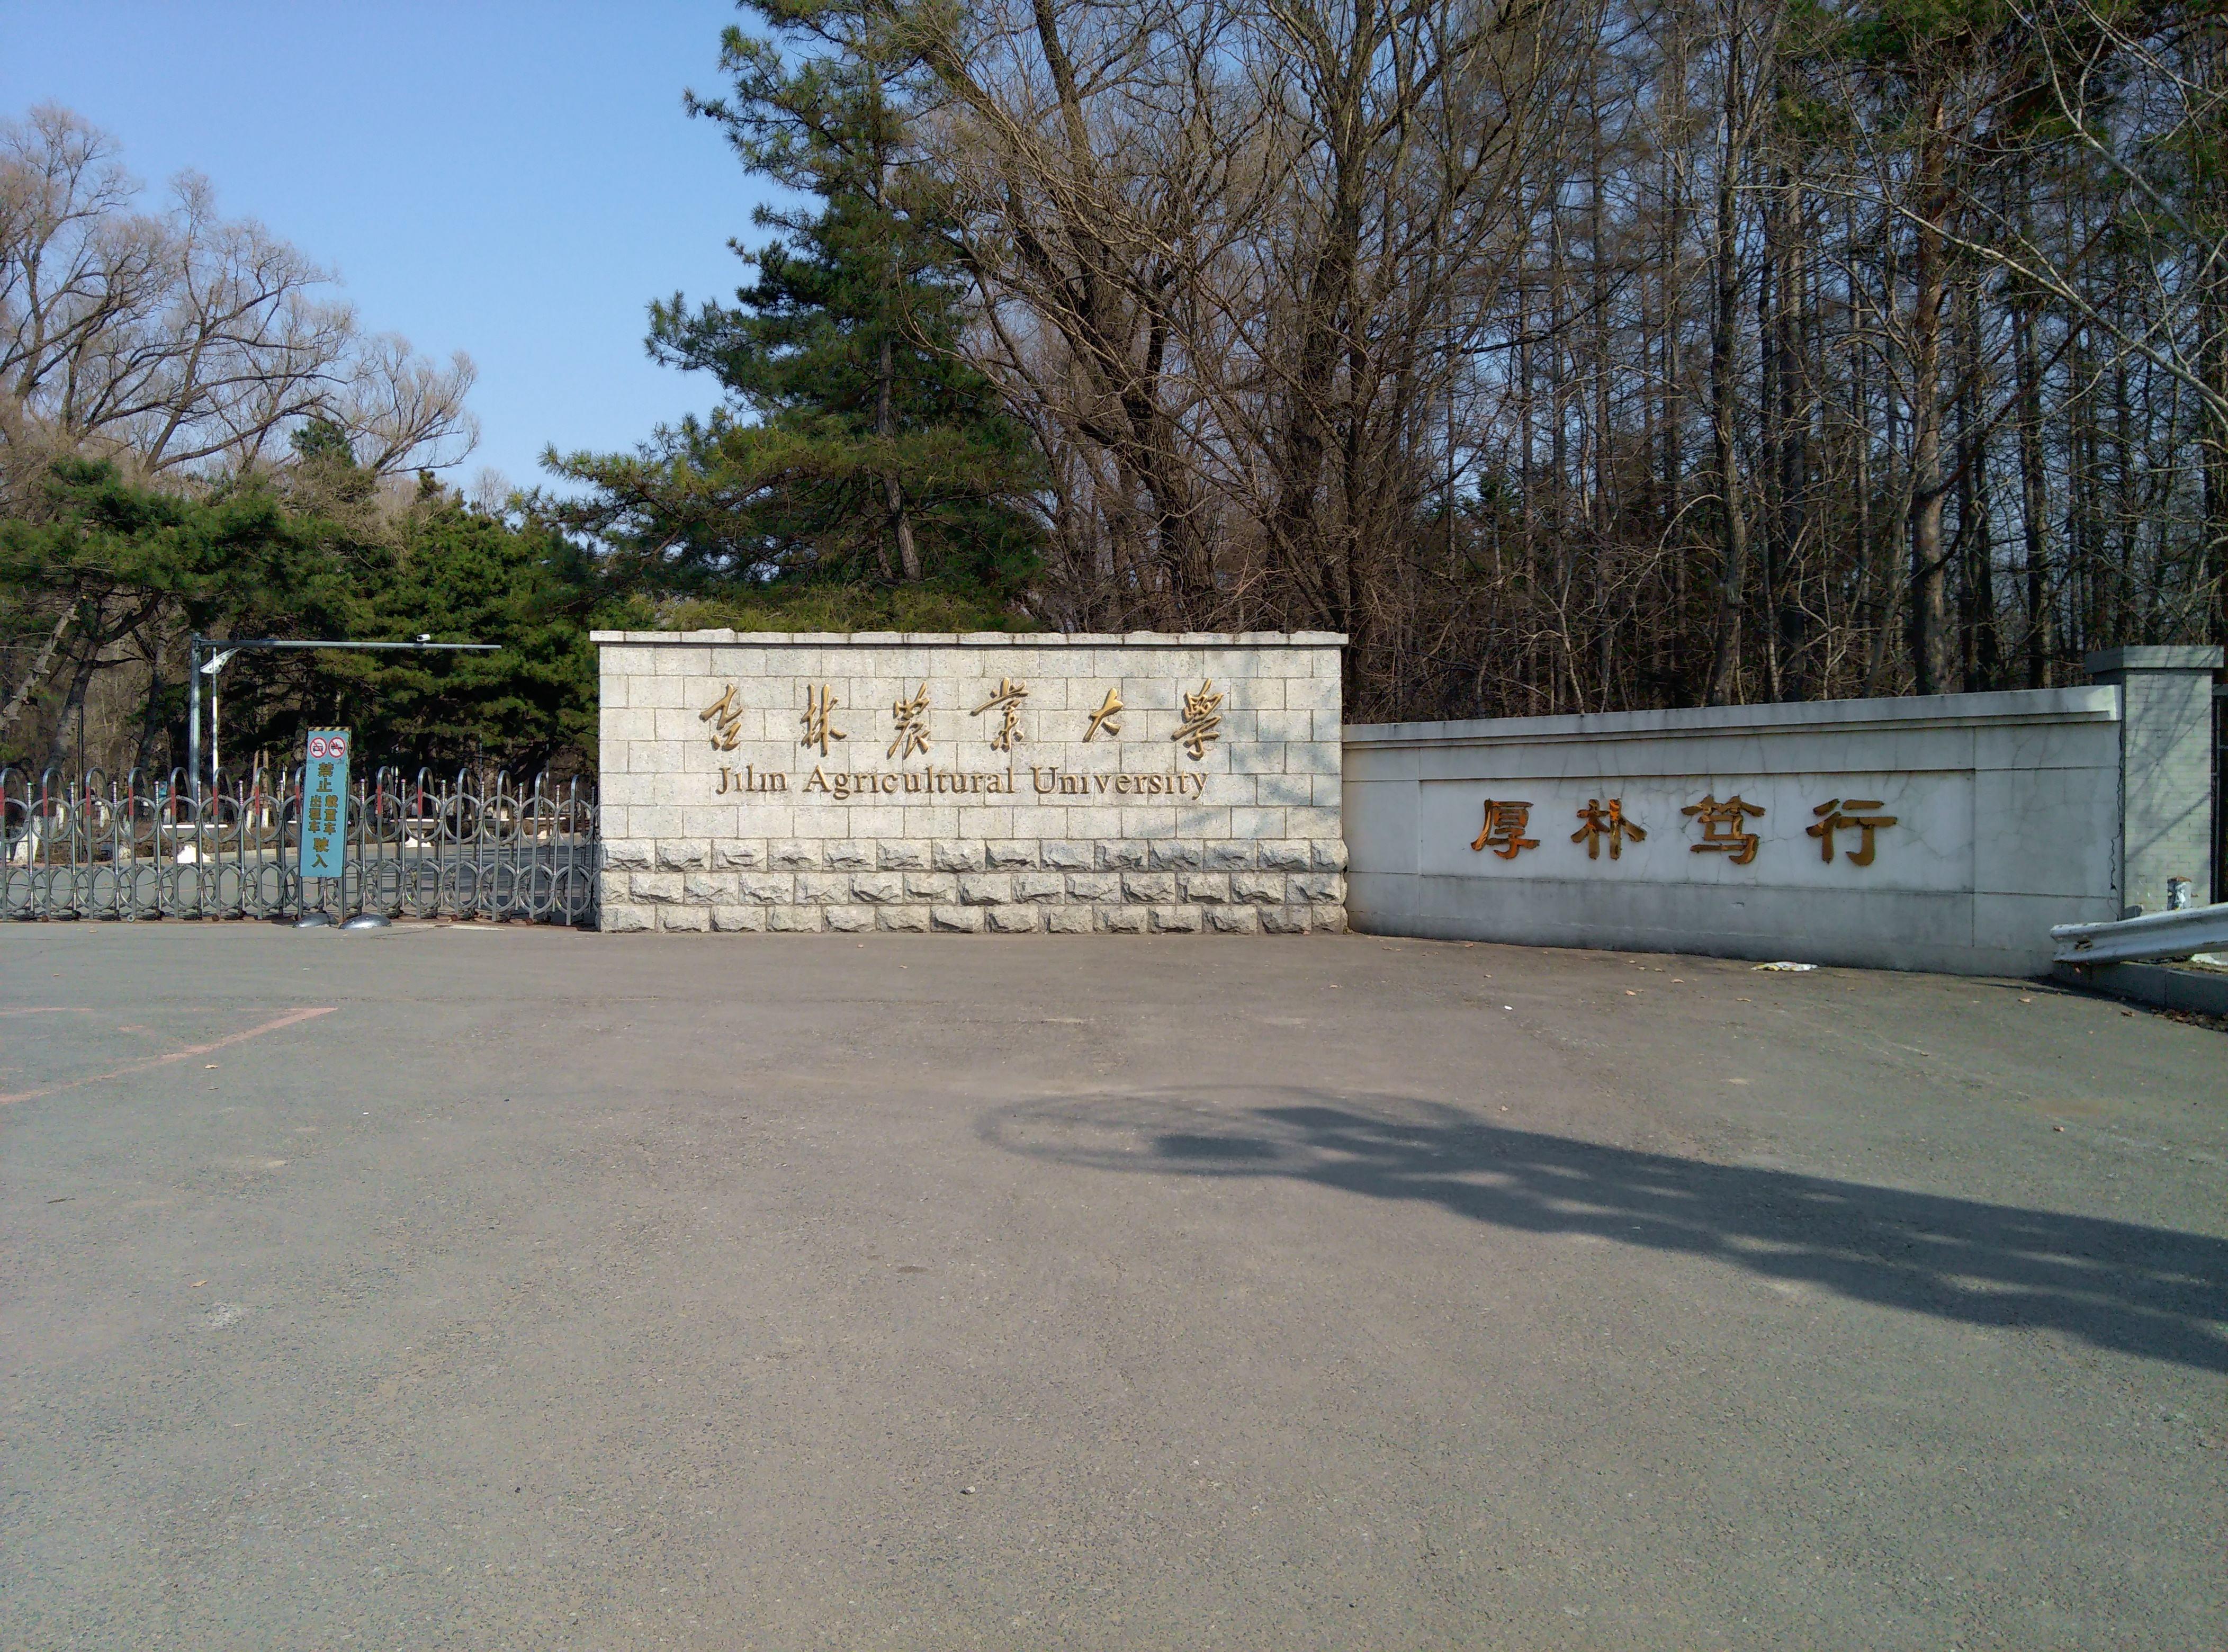 Cổng trường Đại học Nông nghiệp Cát Lâm